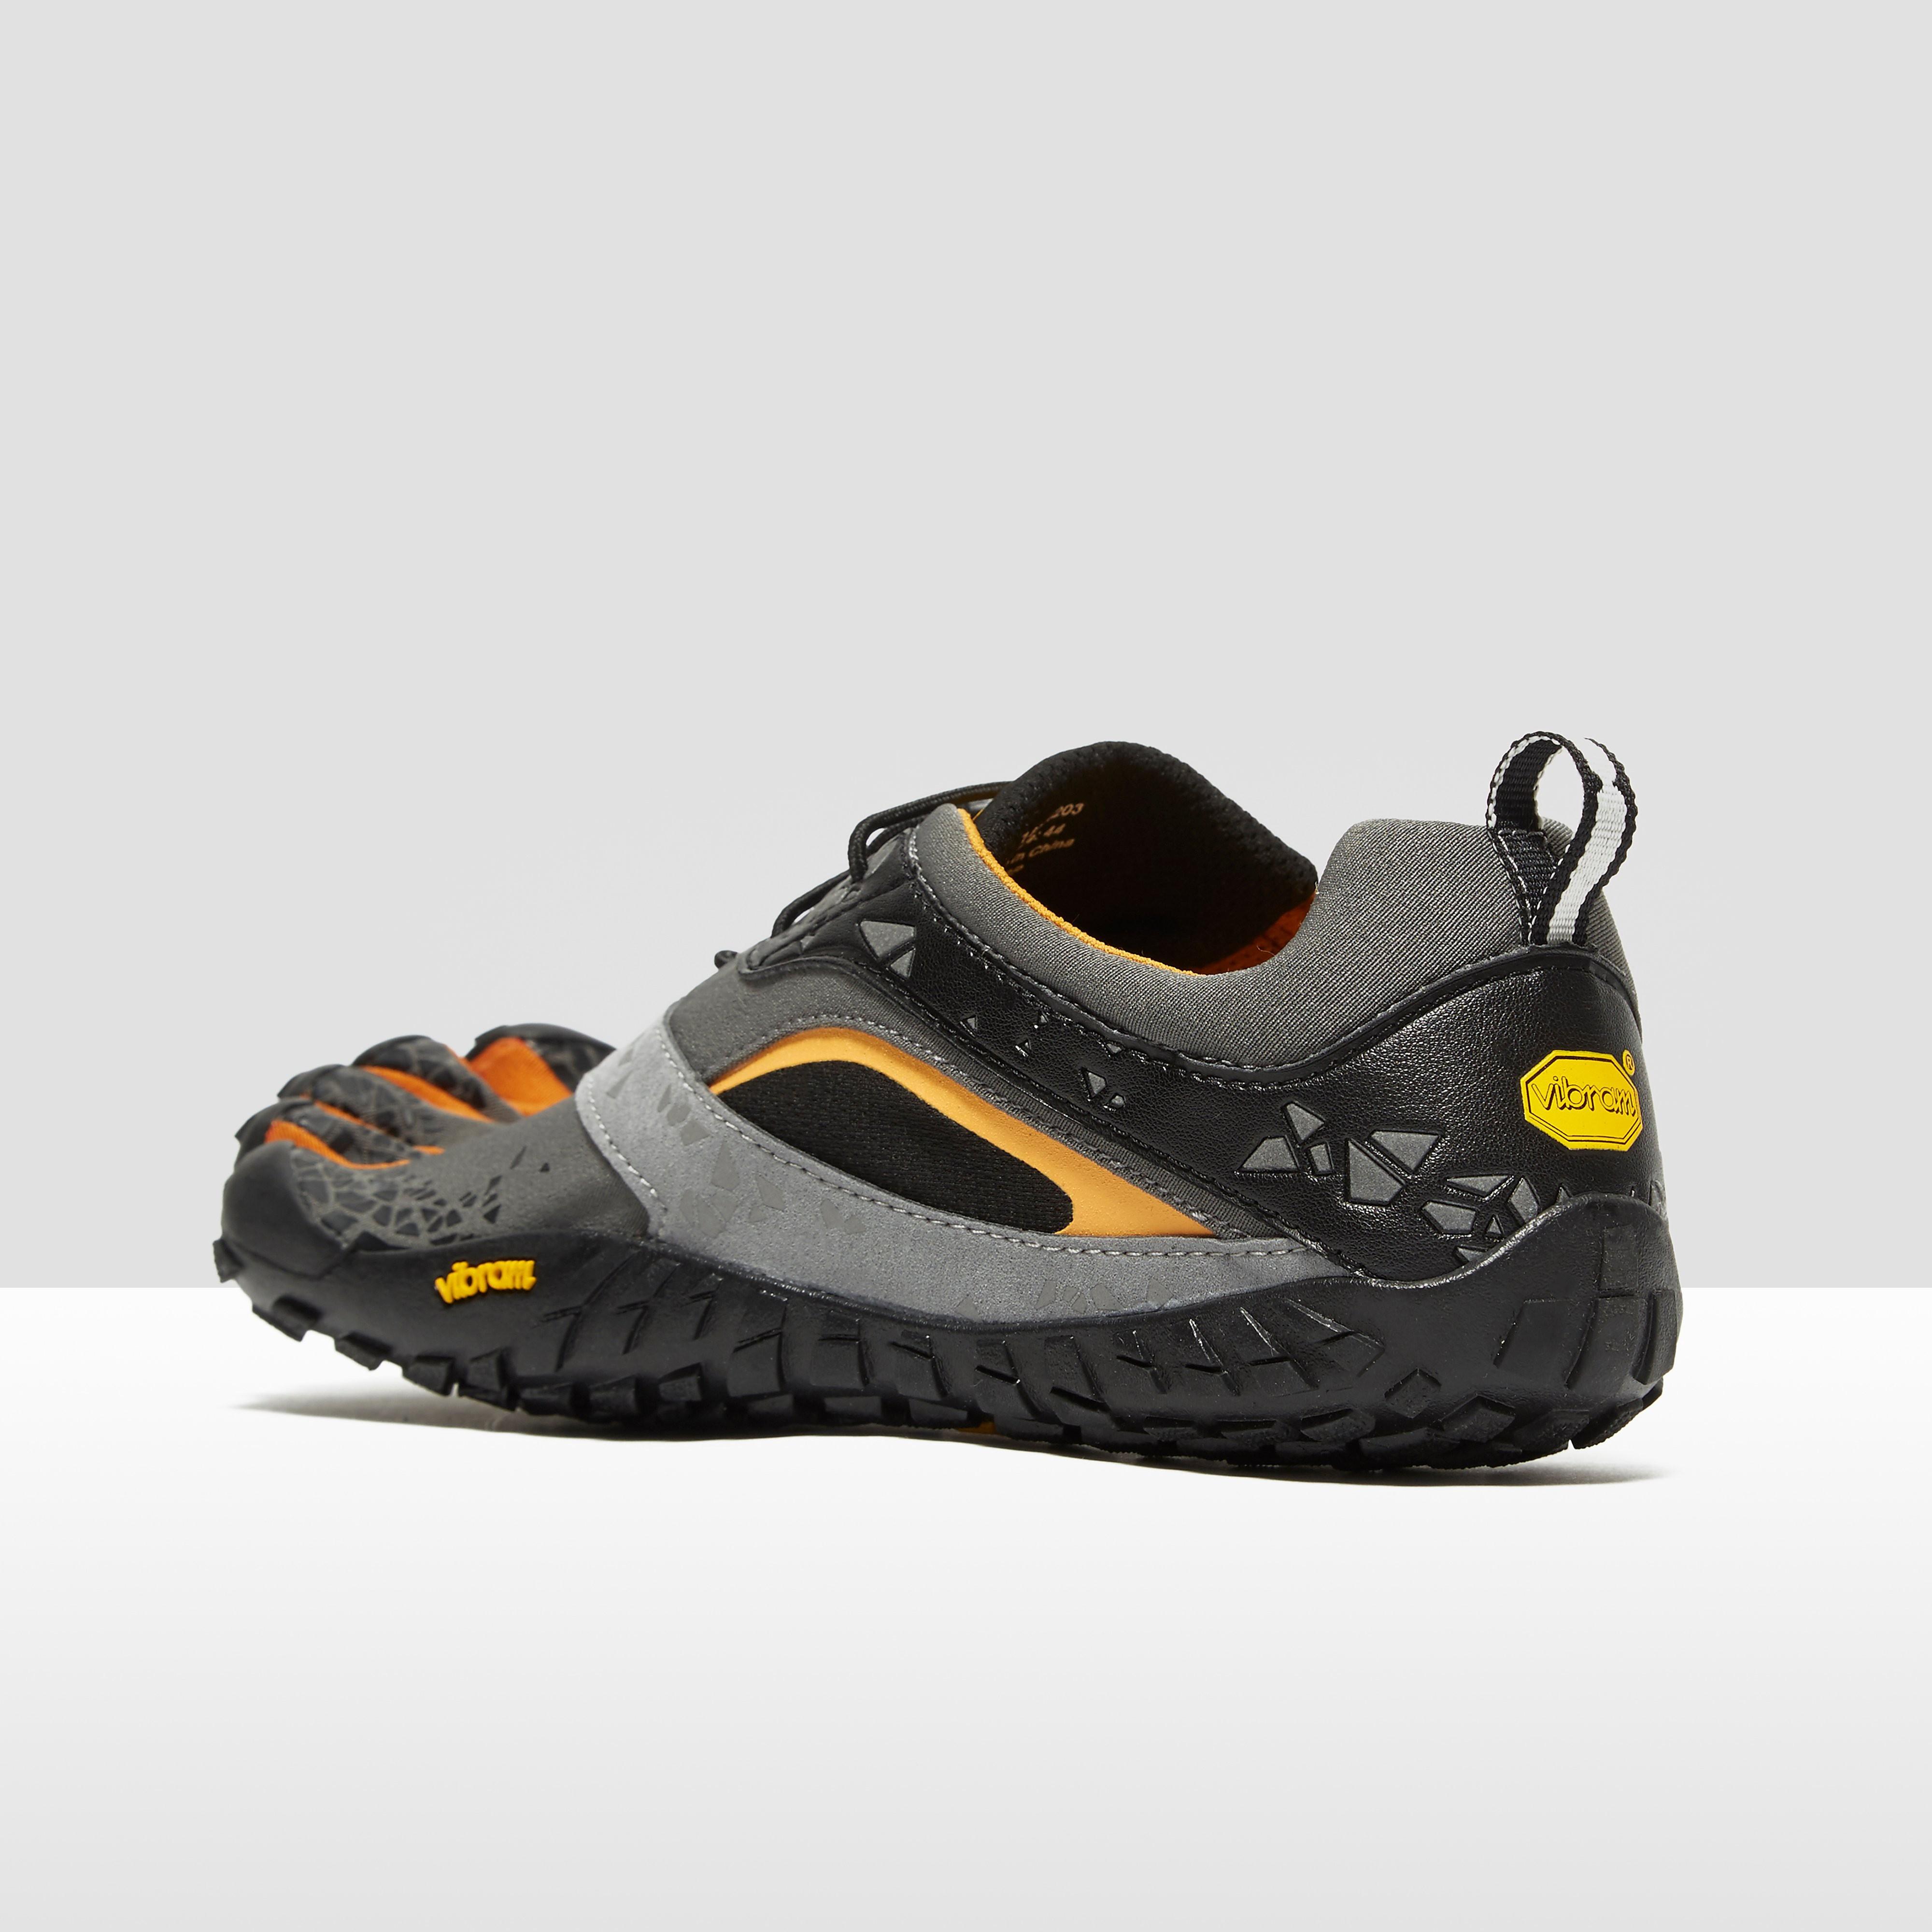 Vibram Five Fingers Spyridon MR Men's Running Shoe